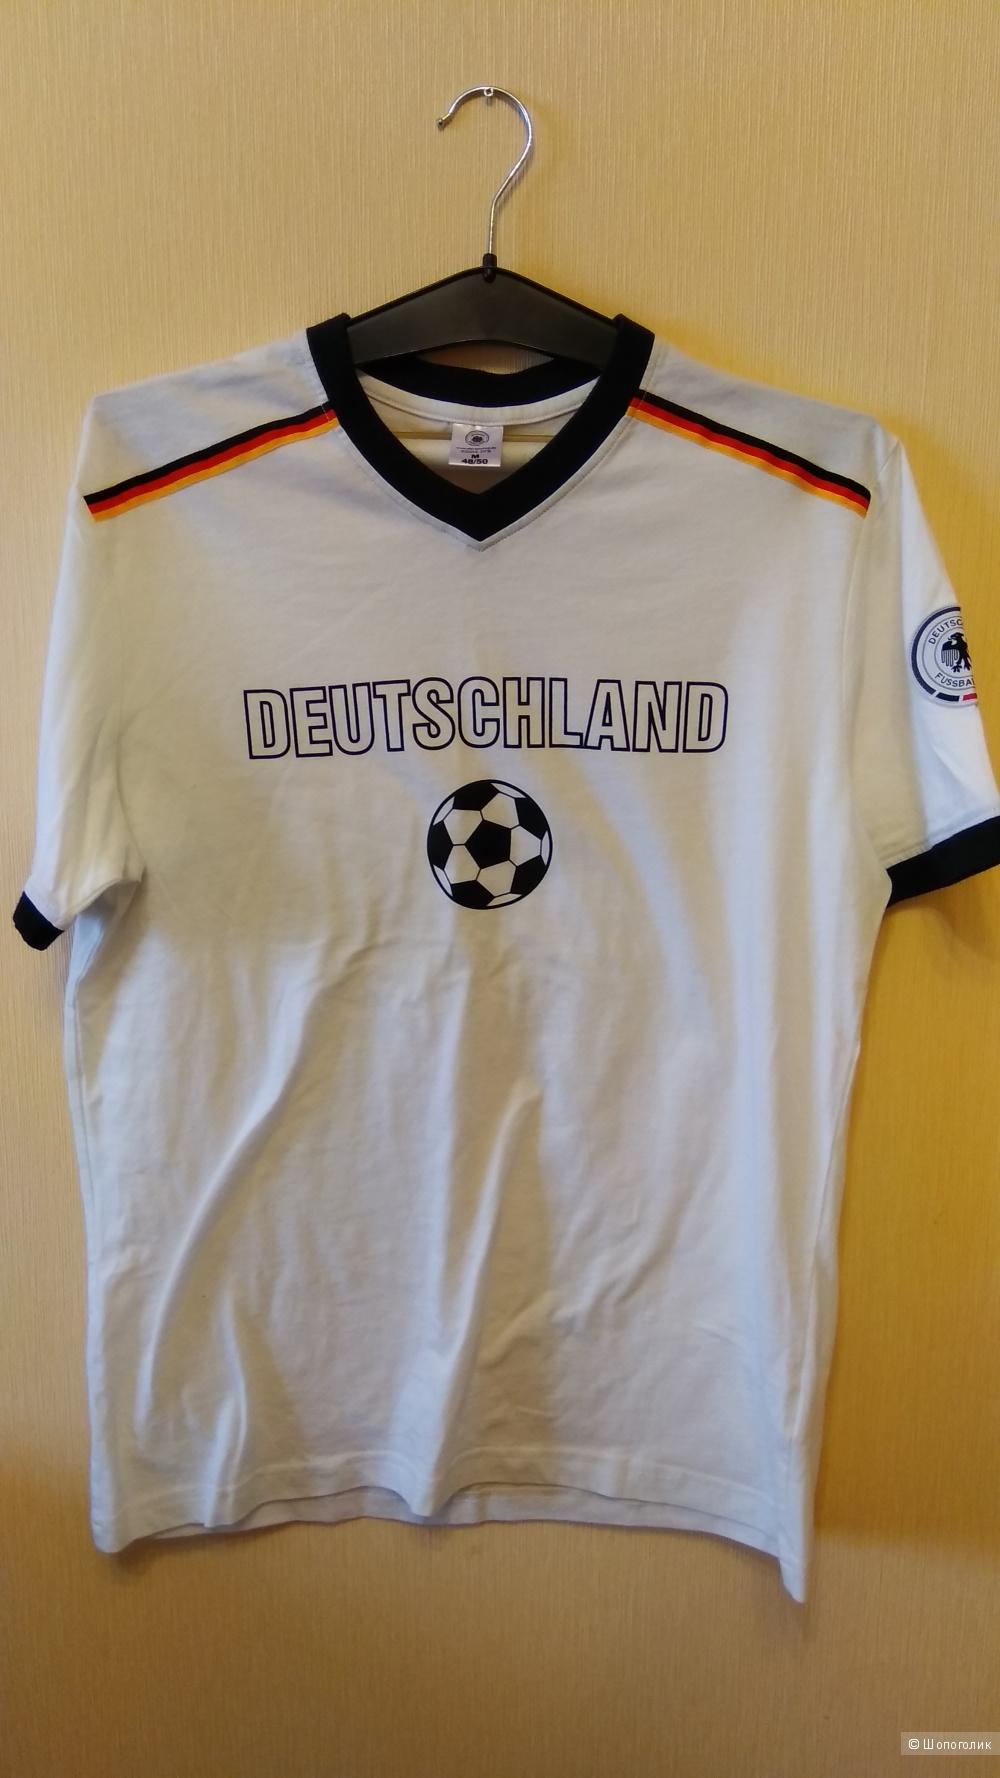 Футболка Die Mannschaft, размер M 48/50